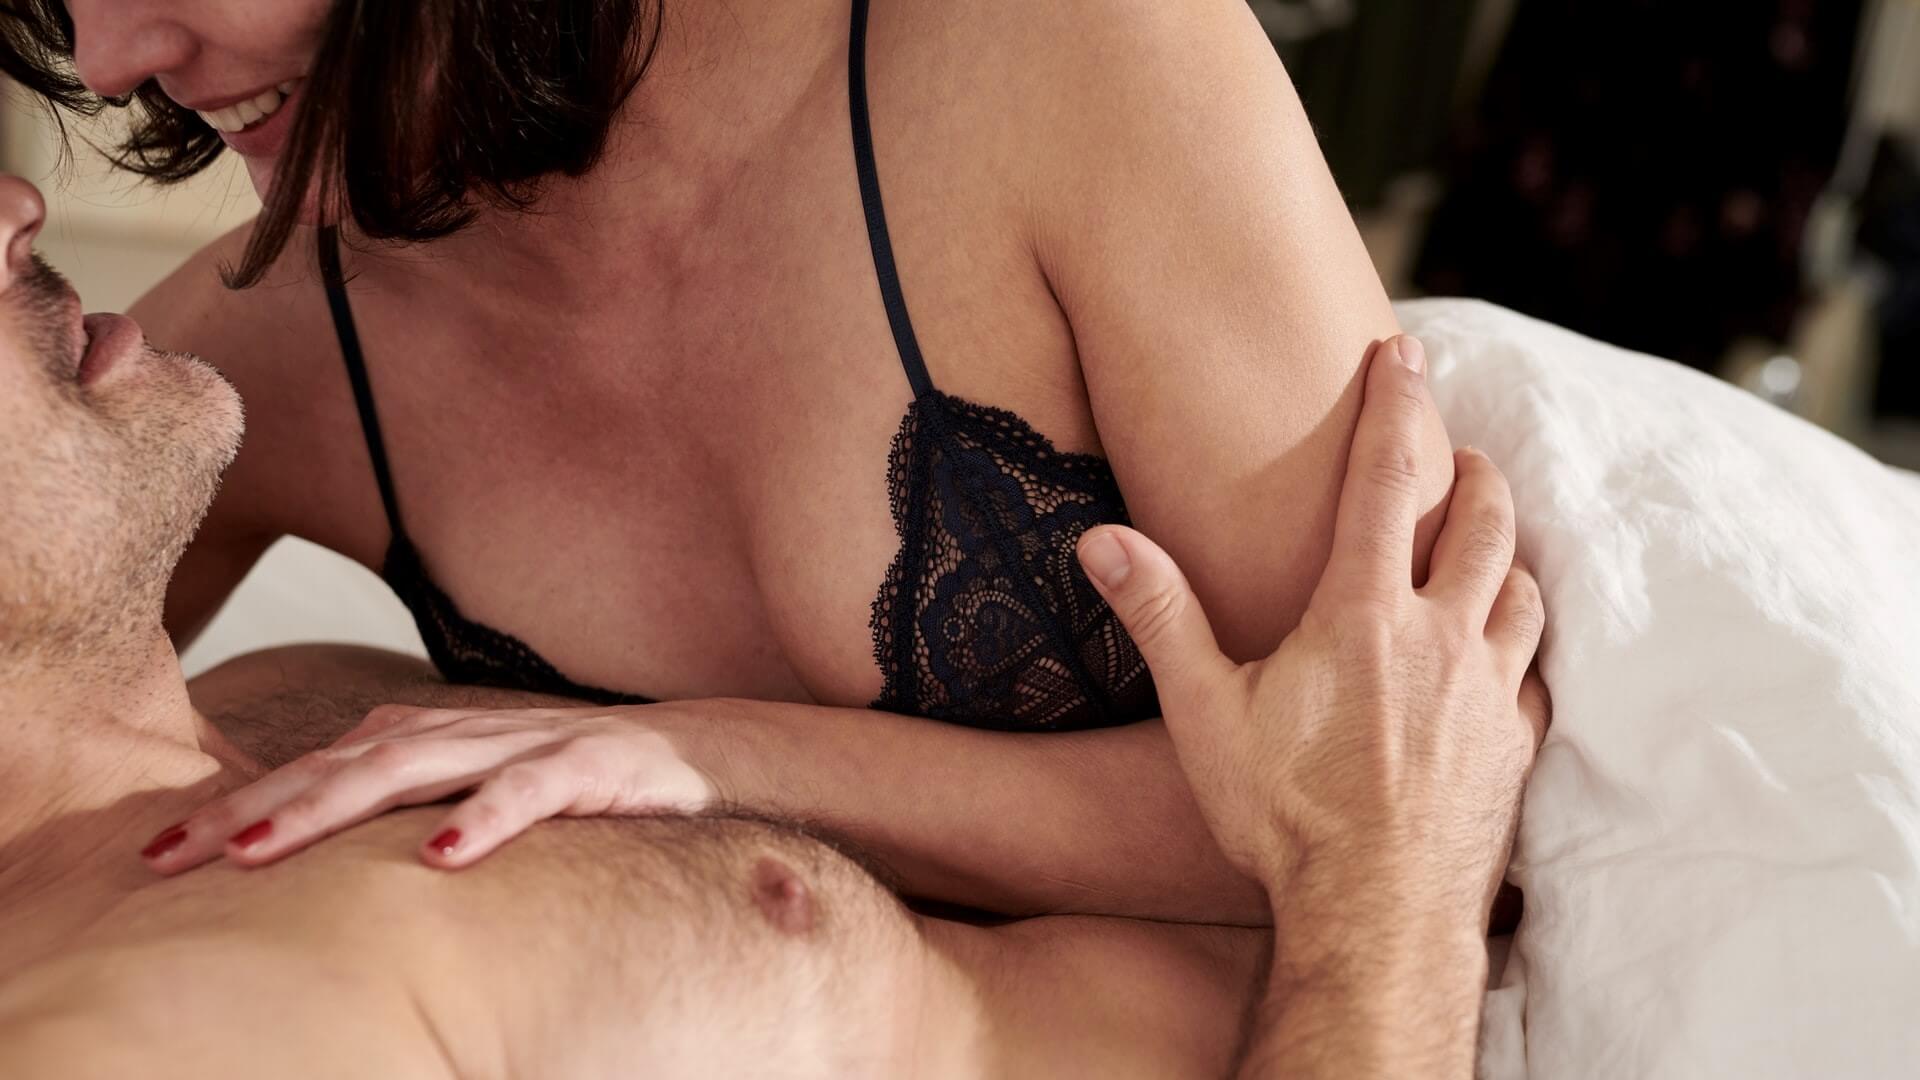 Az edzés előtti szex valakinek segít, valakinek nem